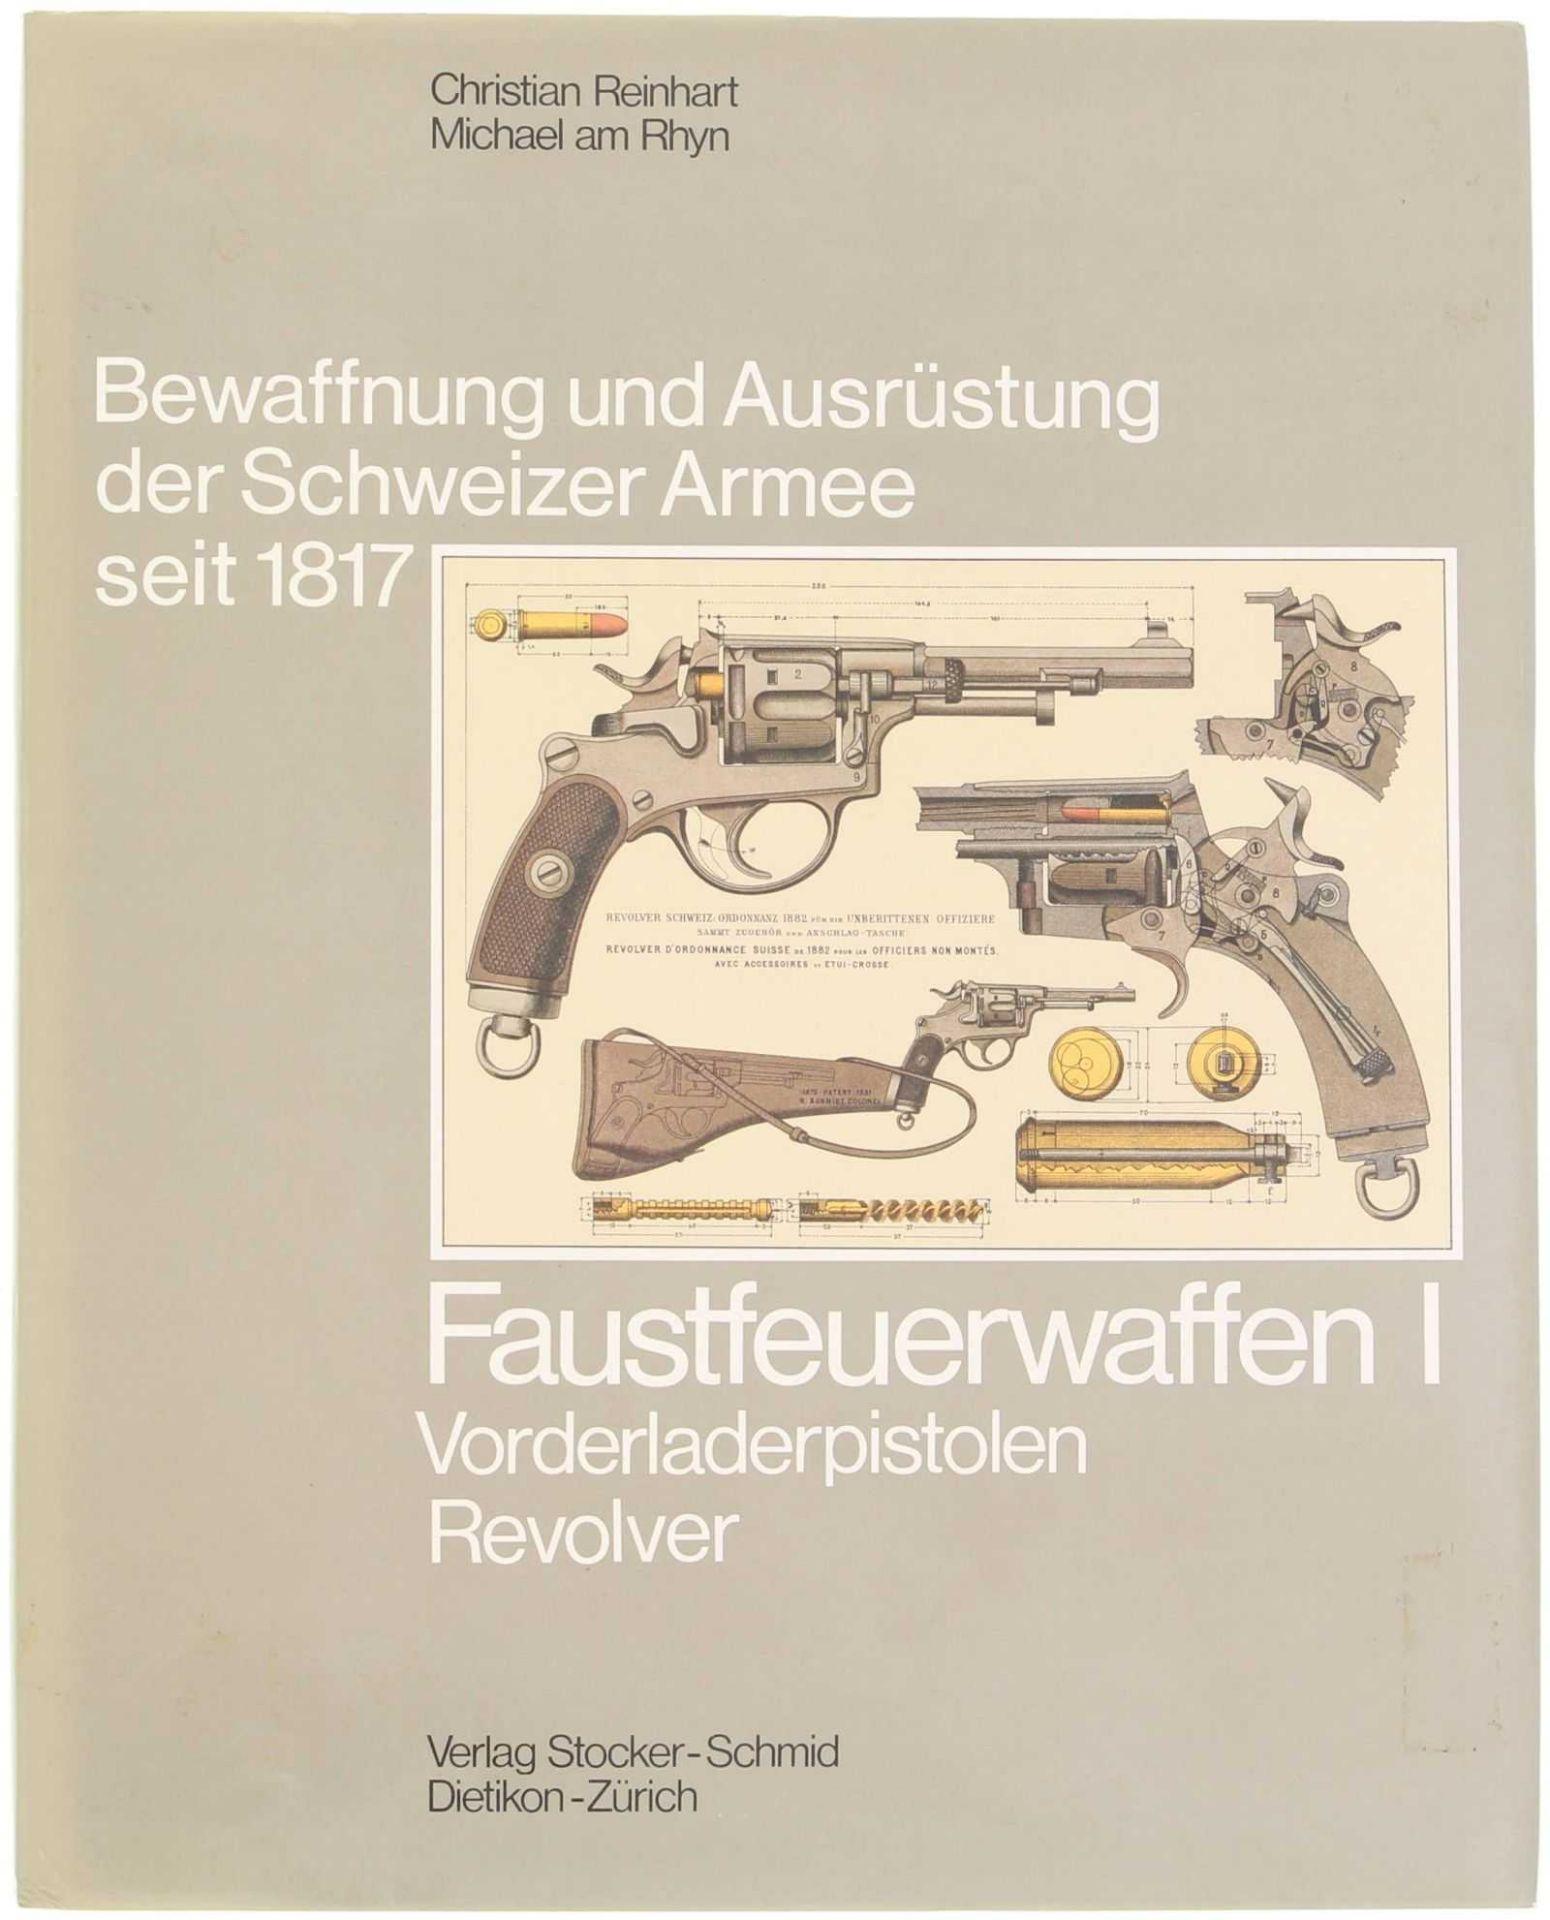 """Buch, Faustfeuerwaffen I, Band 5 aus der Reihe: """"Bewaffnung und Ausrüstung der Schweizer Armee"""